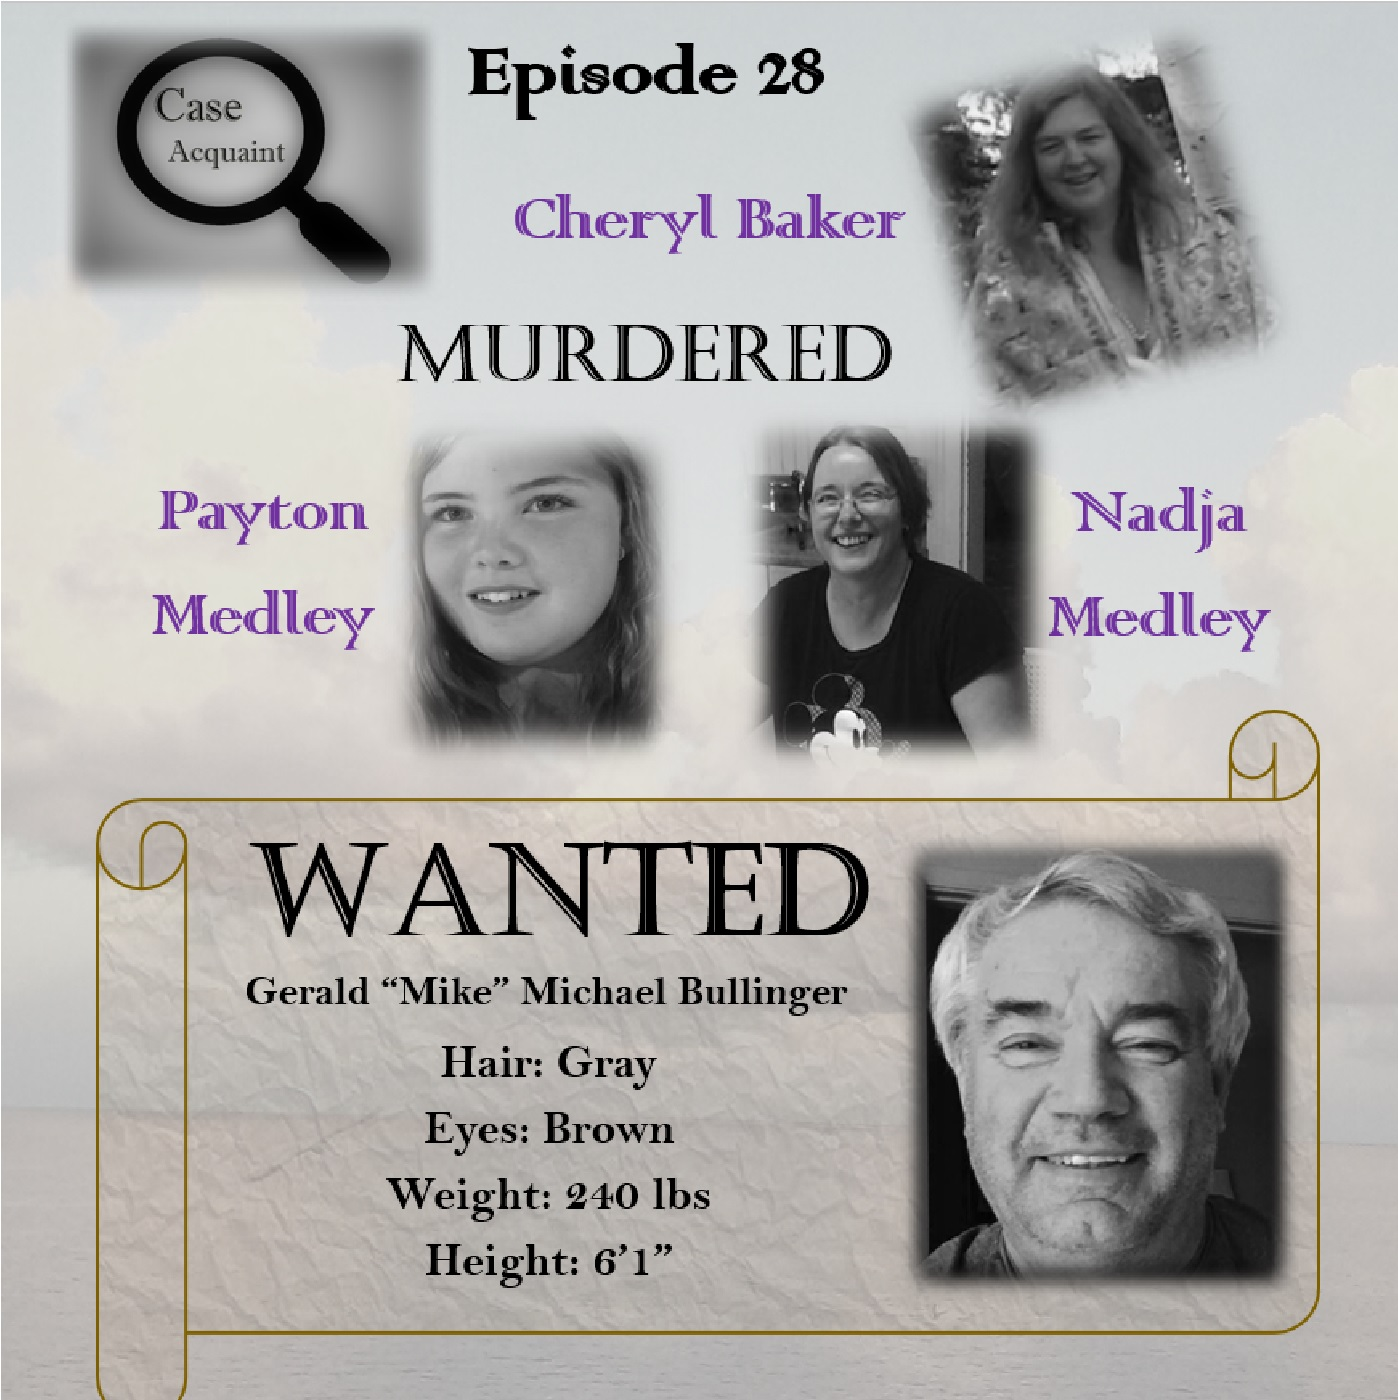 Ep 28 MURDERED Cheryl Baker, Nadja Medley, & Payton Medley